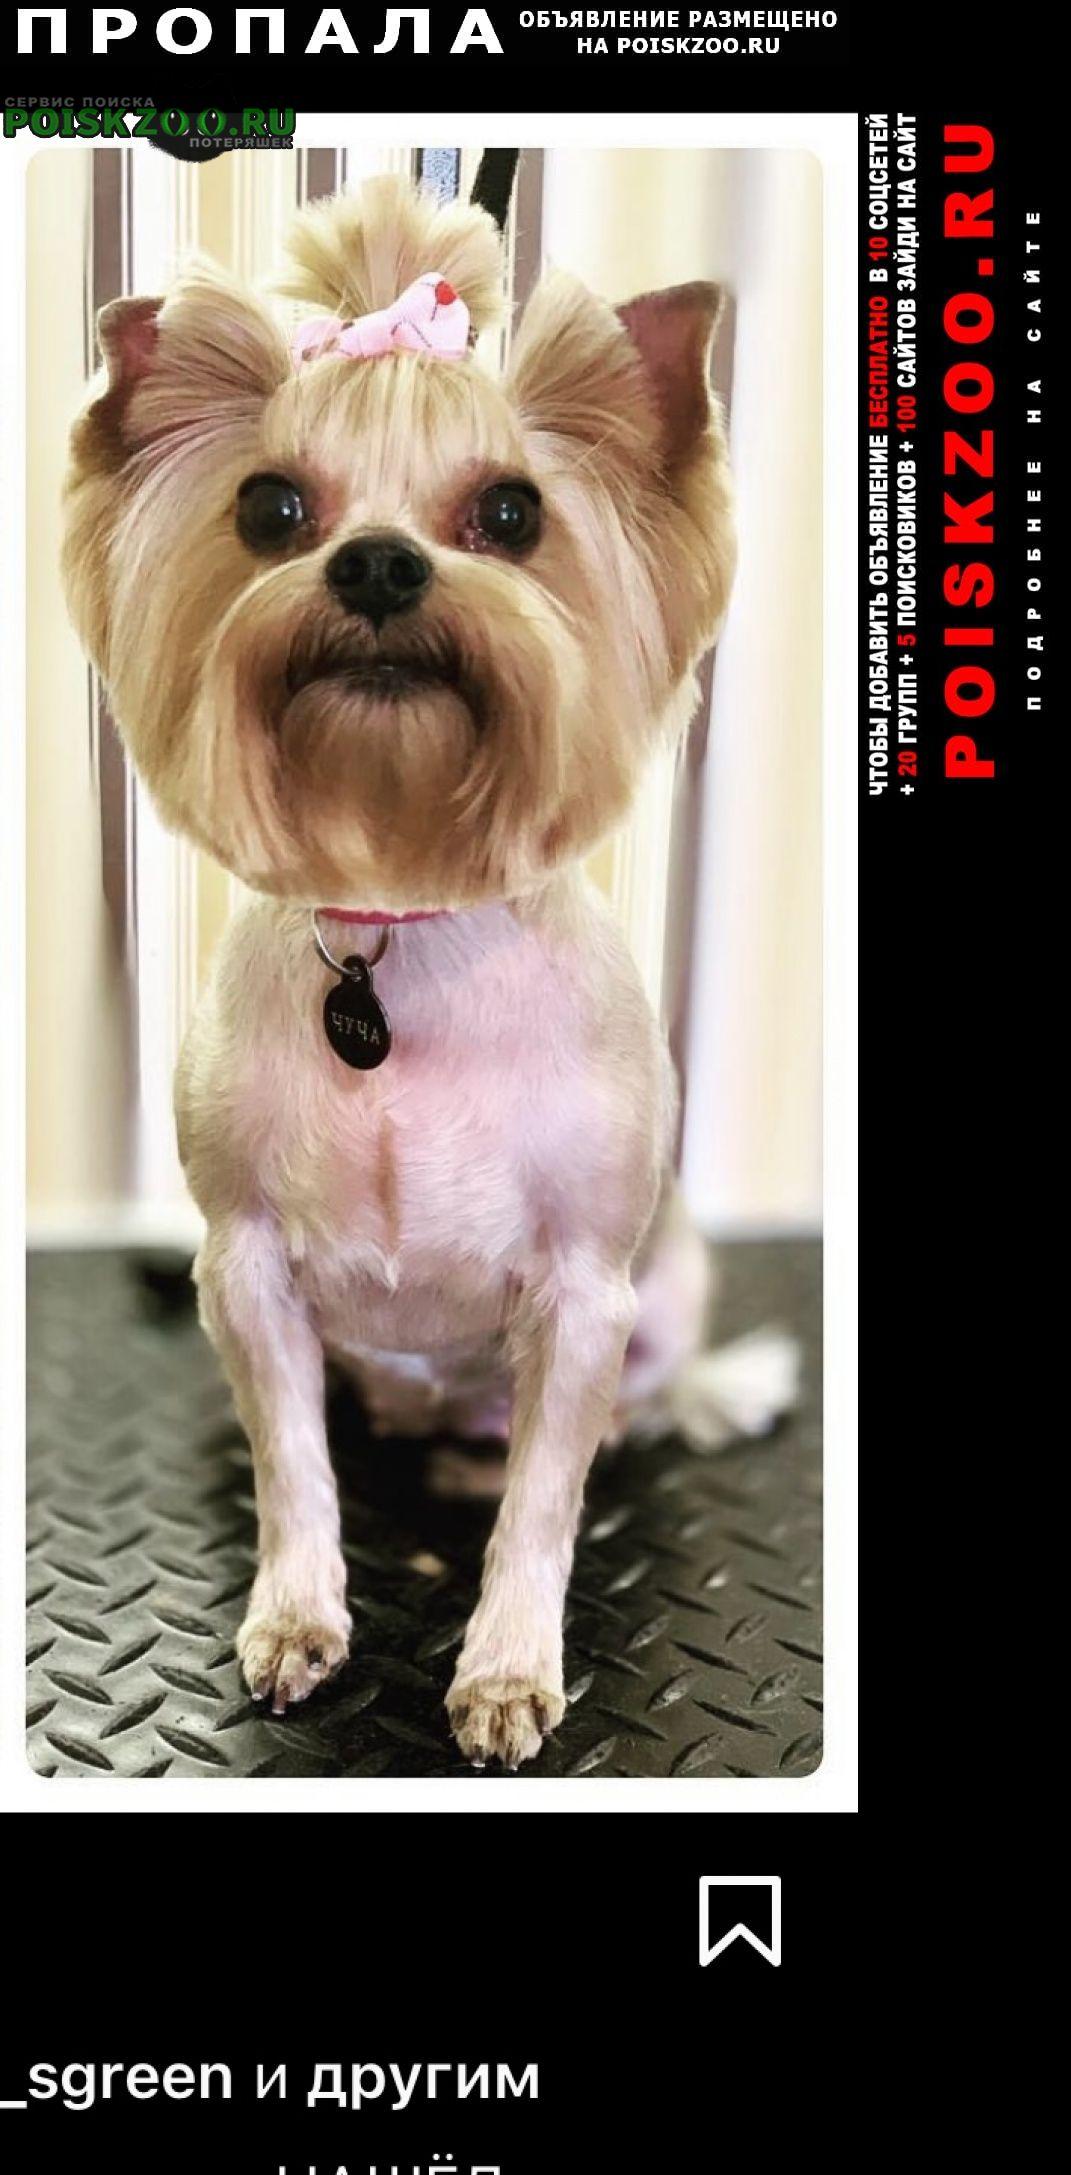 Пропала собака чуча 8 лет. йоркширский терьер мини Самара